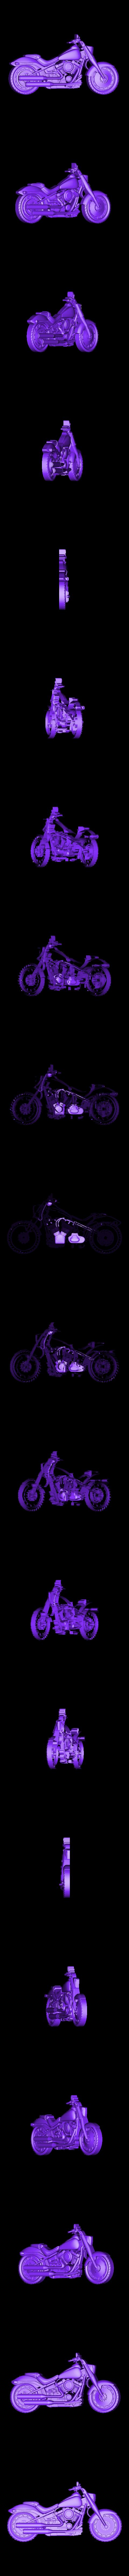 P52.STL Download STL file 3d models motorcycle • 3D printable design, 3dmodelsByVadim